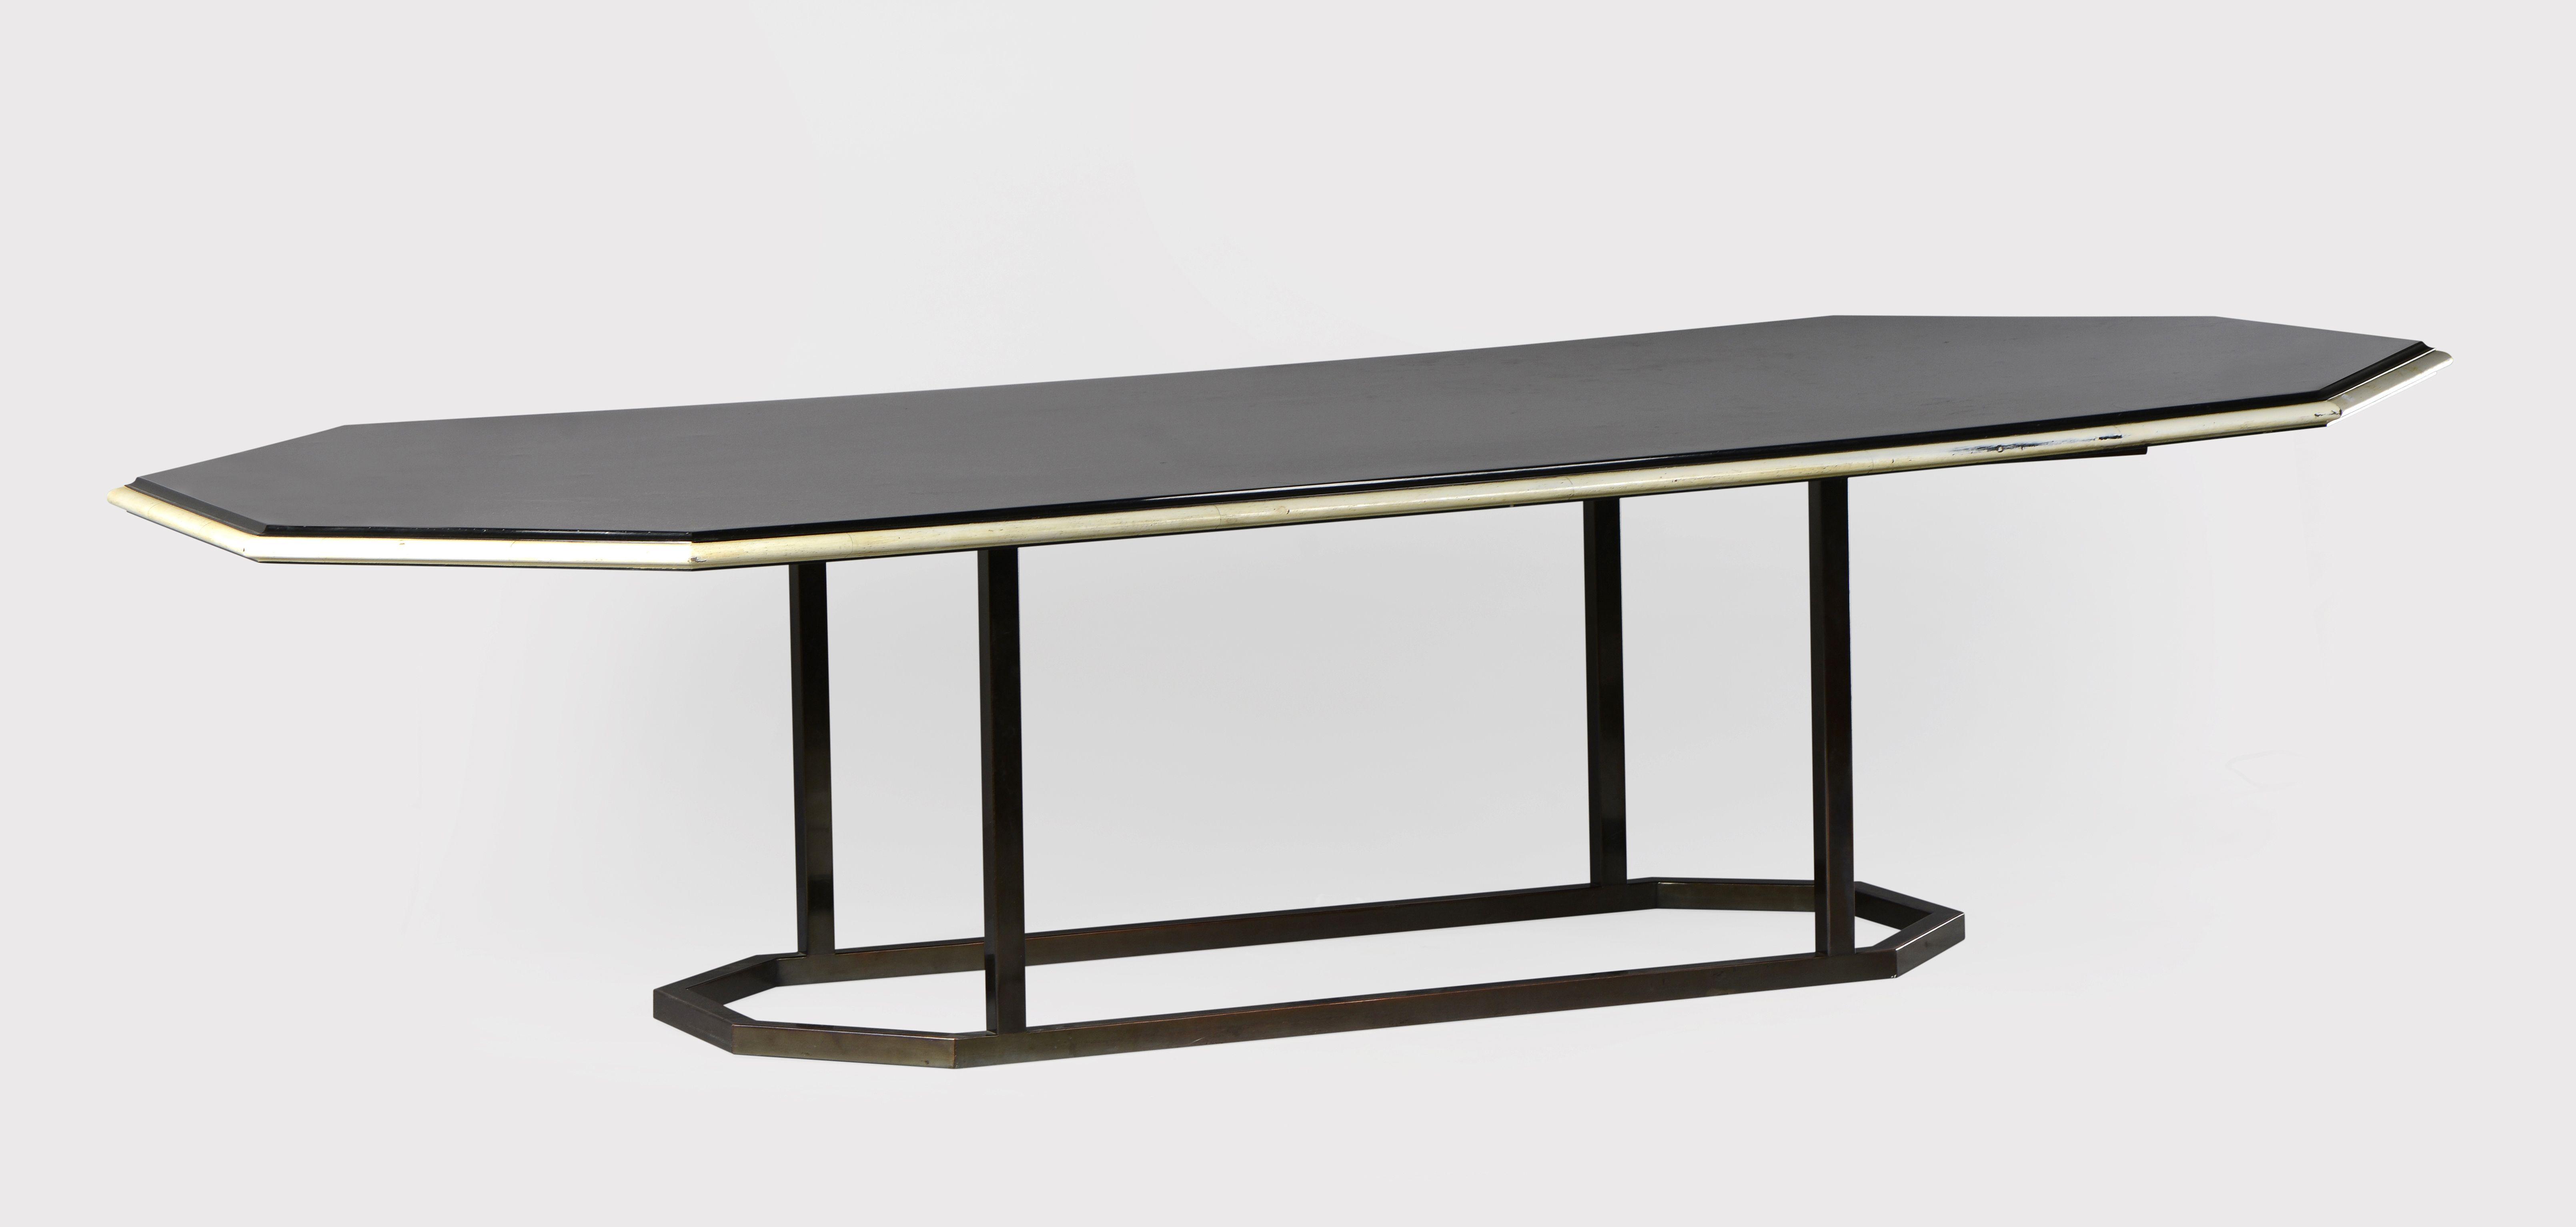 Table Basse Gifi Luxe Images Frais De Table Basse Relevable En Bois Des Idées Idées De Table